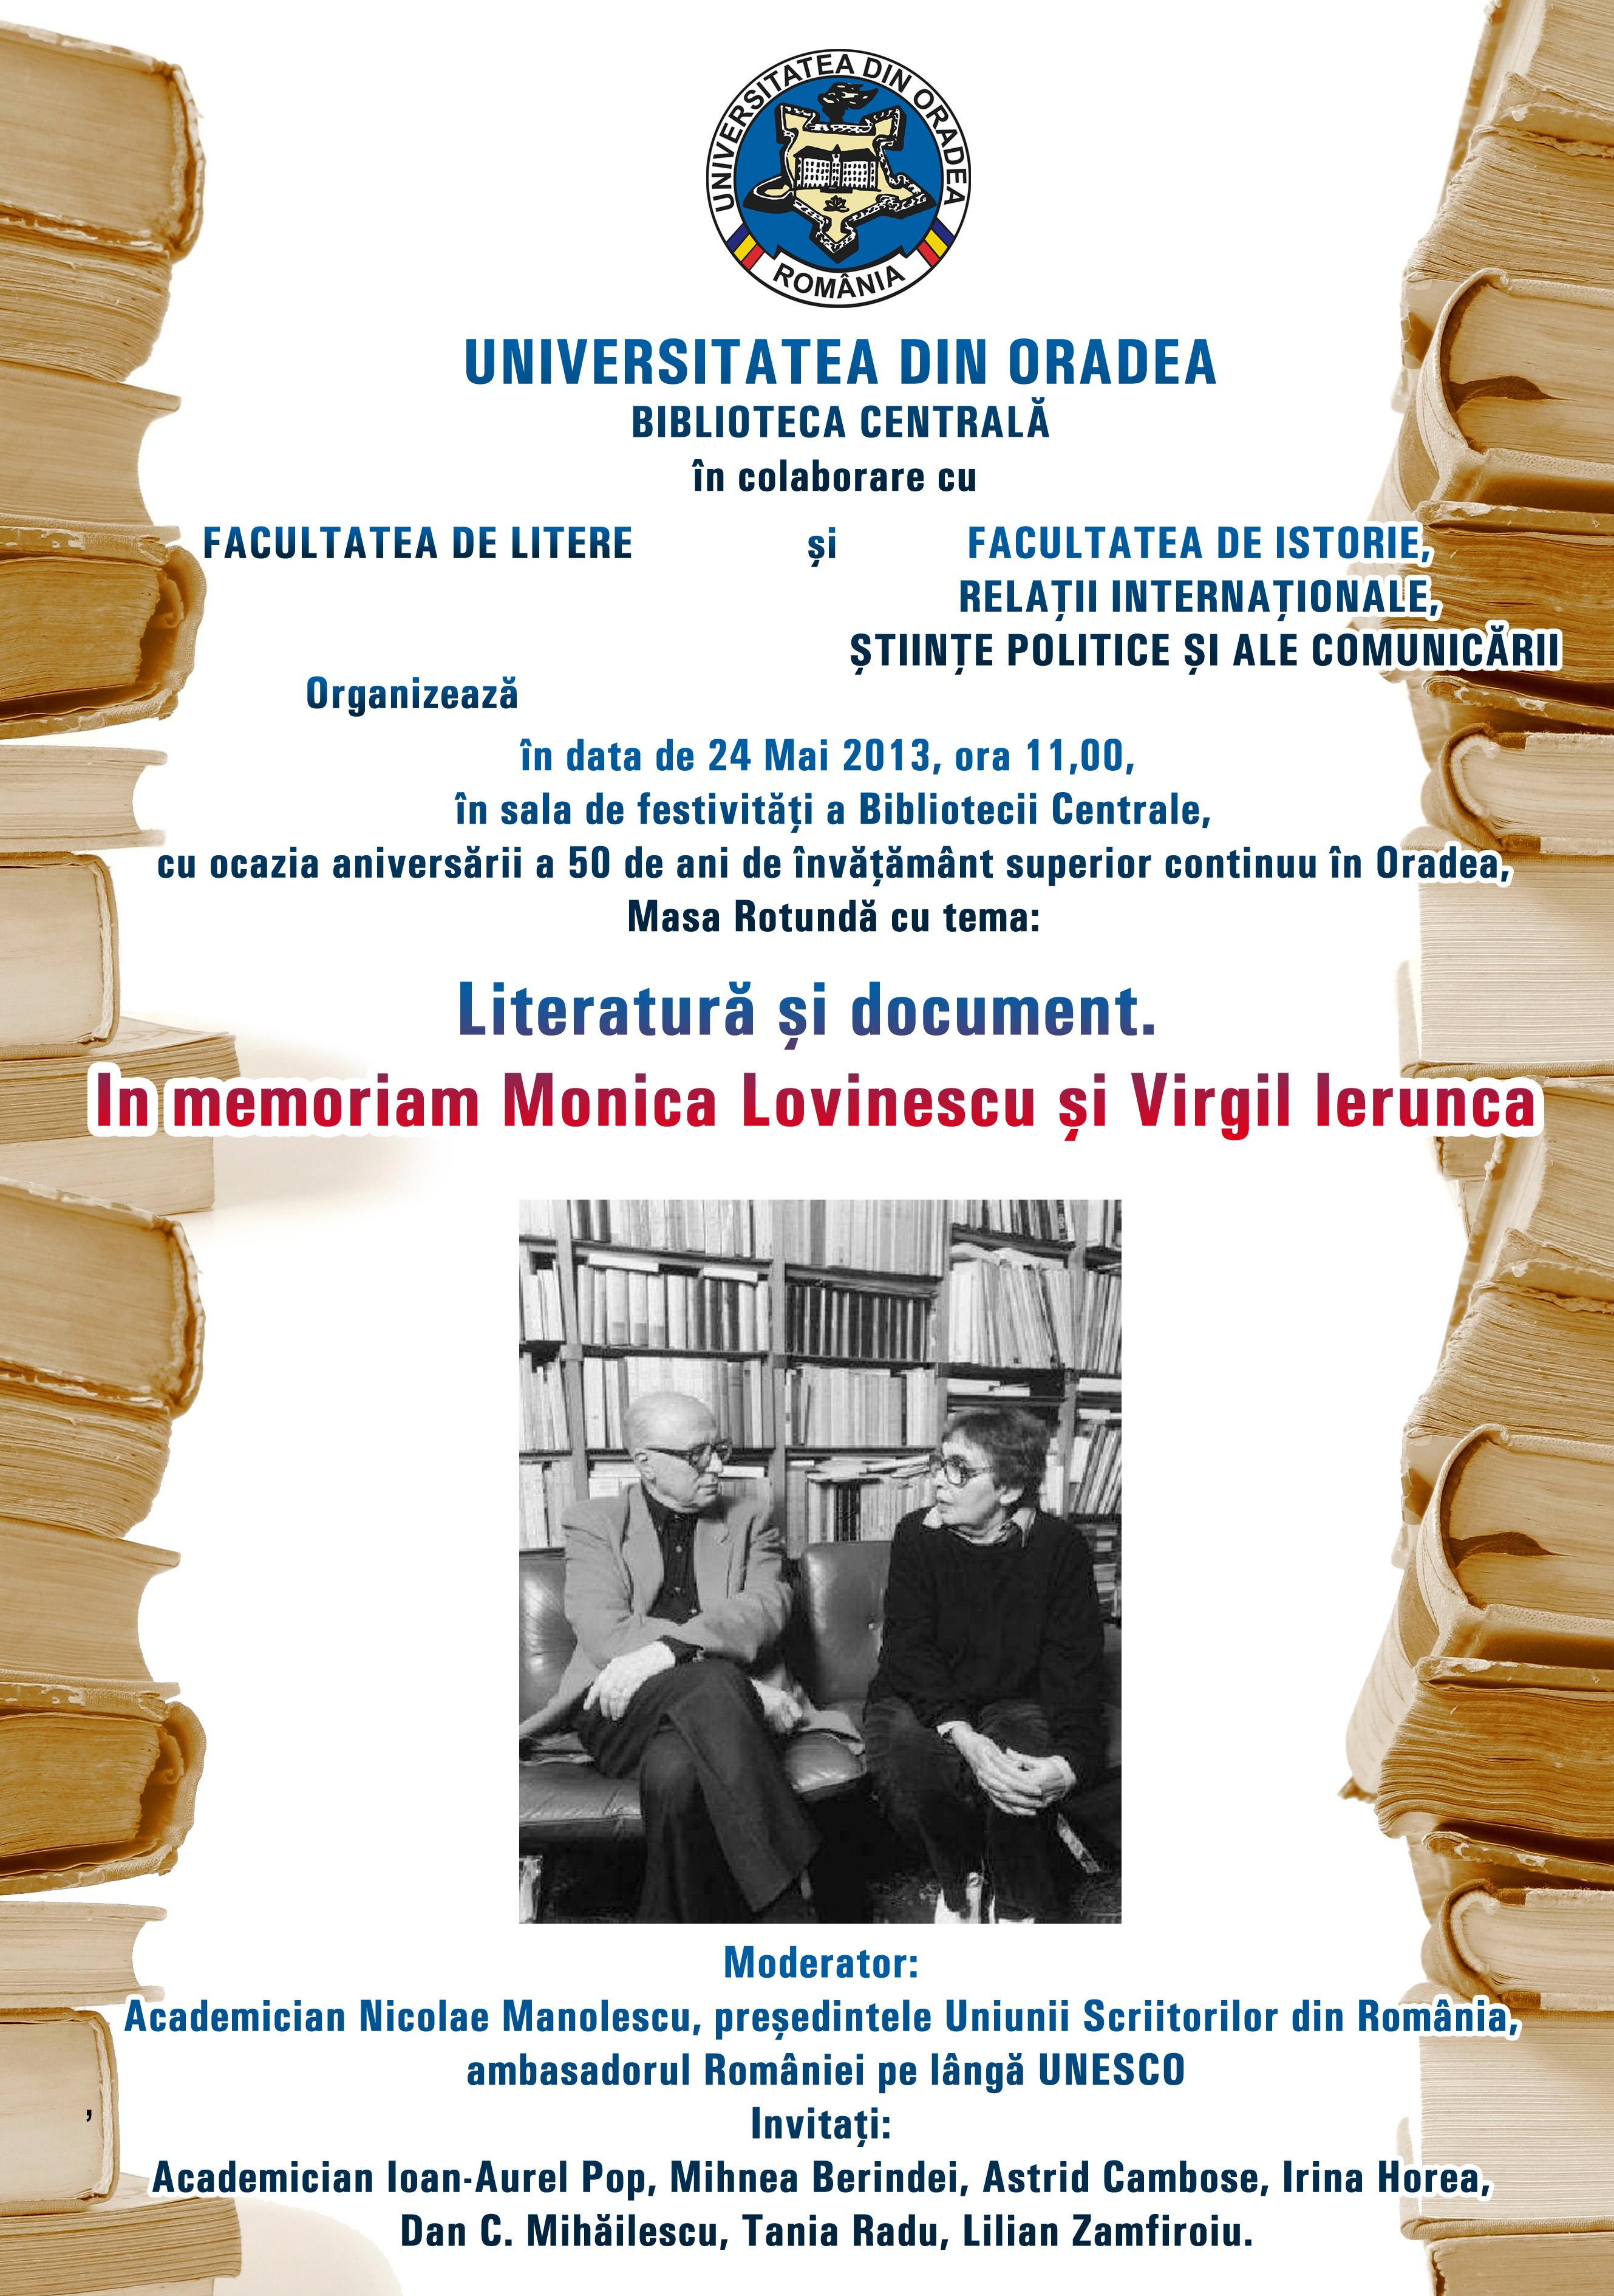 """Afiș anunțând masa rotundă """"Literatură și document"""" în memoriam Monica Lovinescu și Virgil Ierunca, 24 mai, 2013 la Biblioteca Universității din Oradea"""